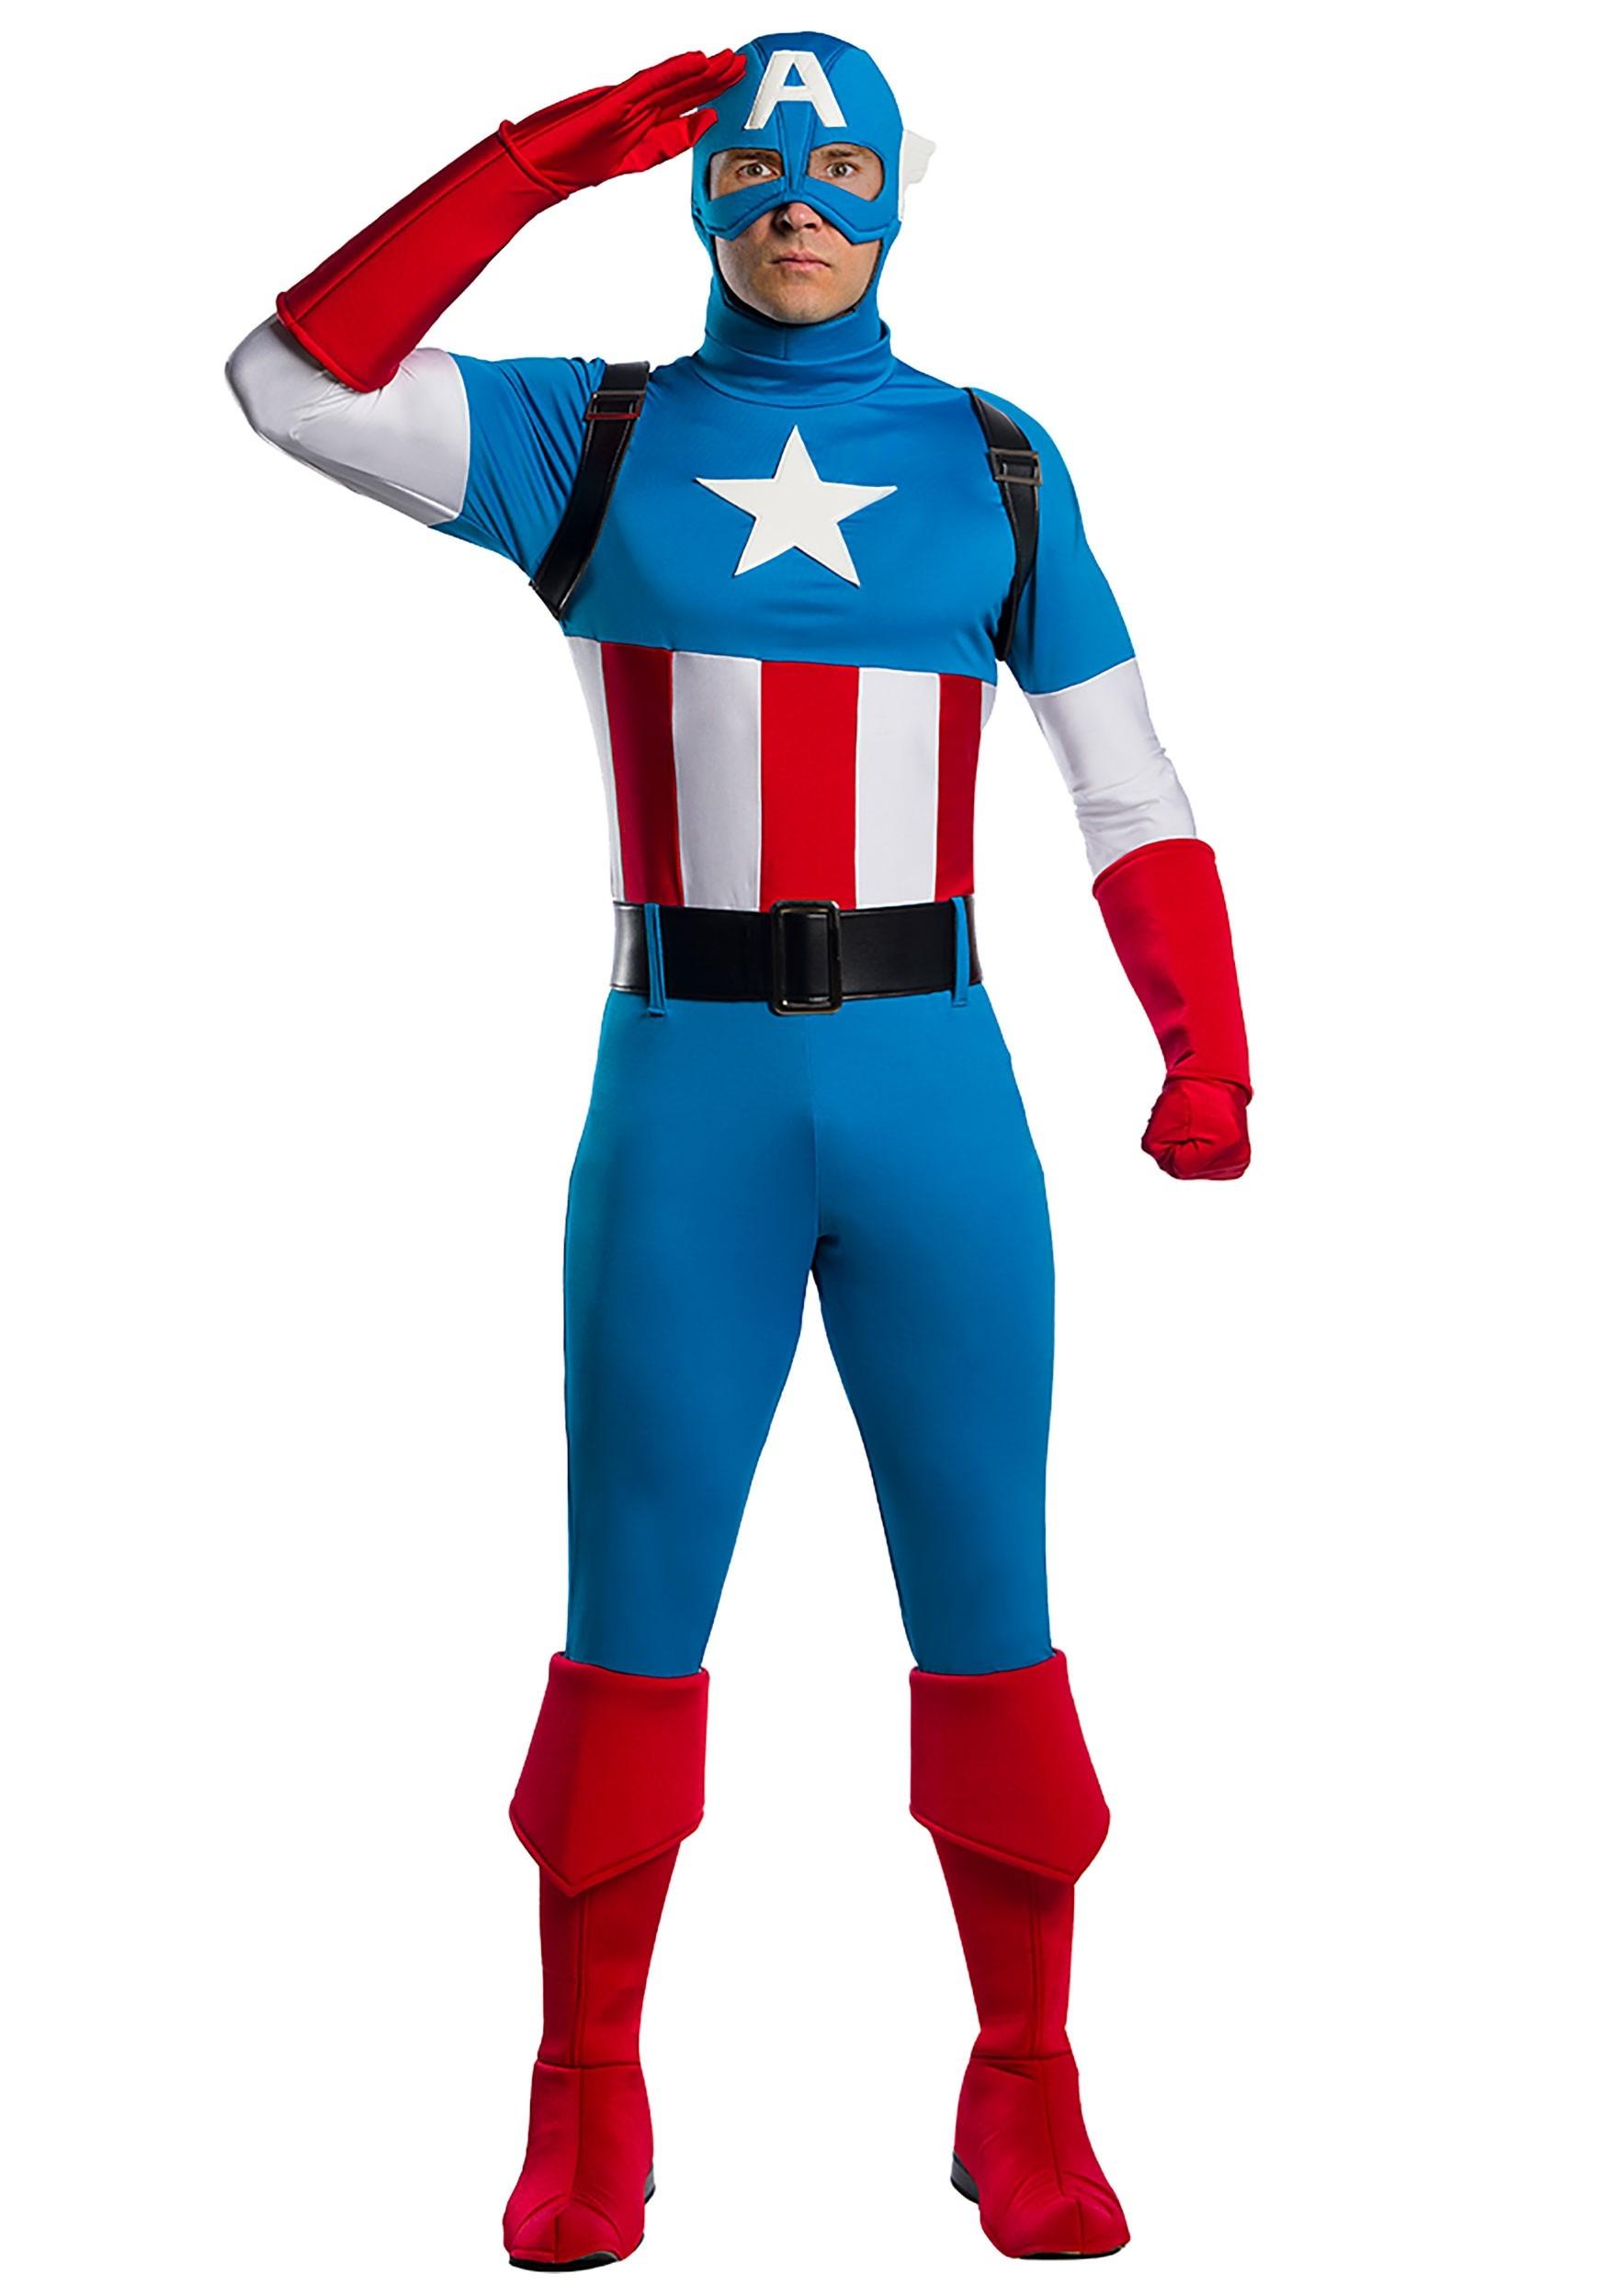 Marvel Captain America Premium Costume For Adults Endgame captain marvel cosplay costume. adult marvel captain america premium costume